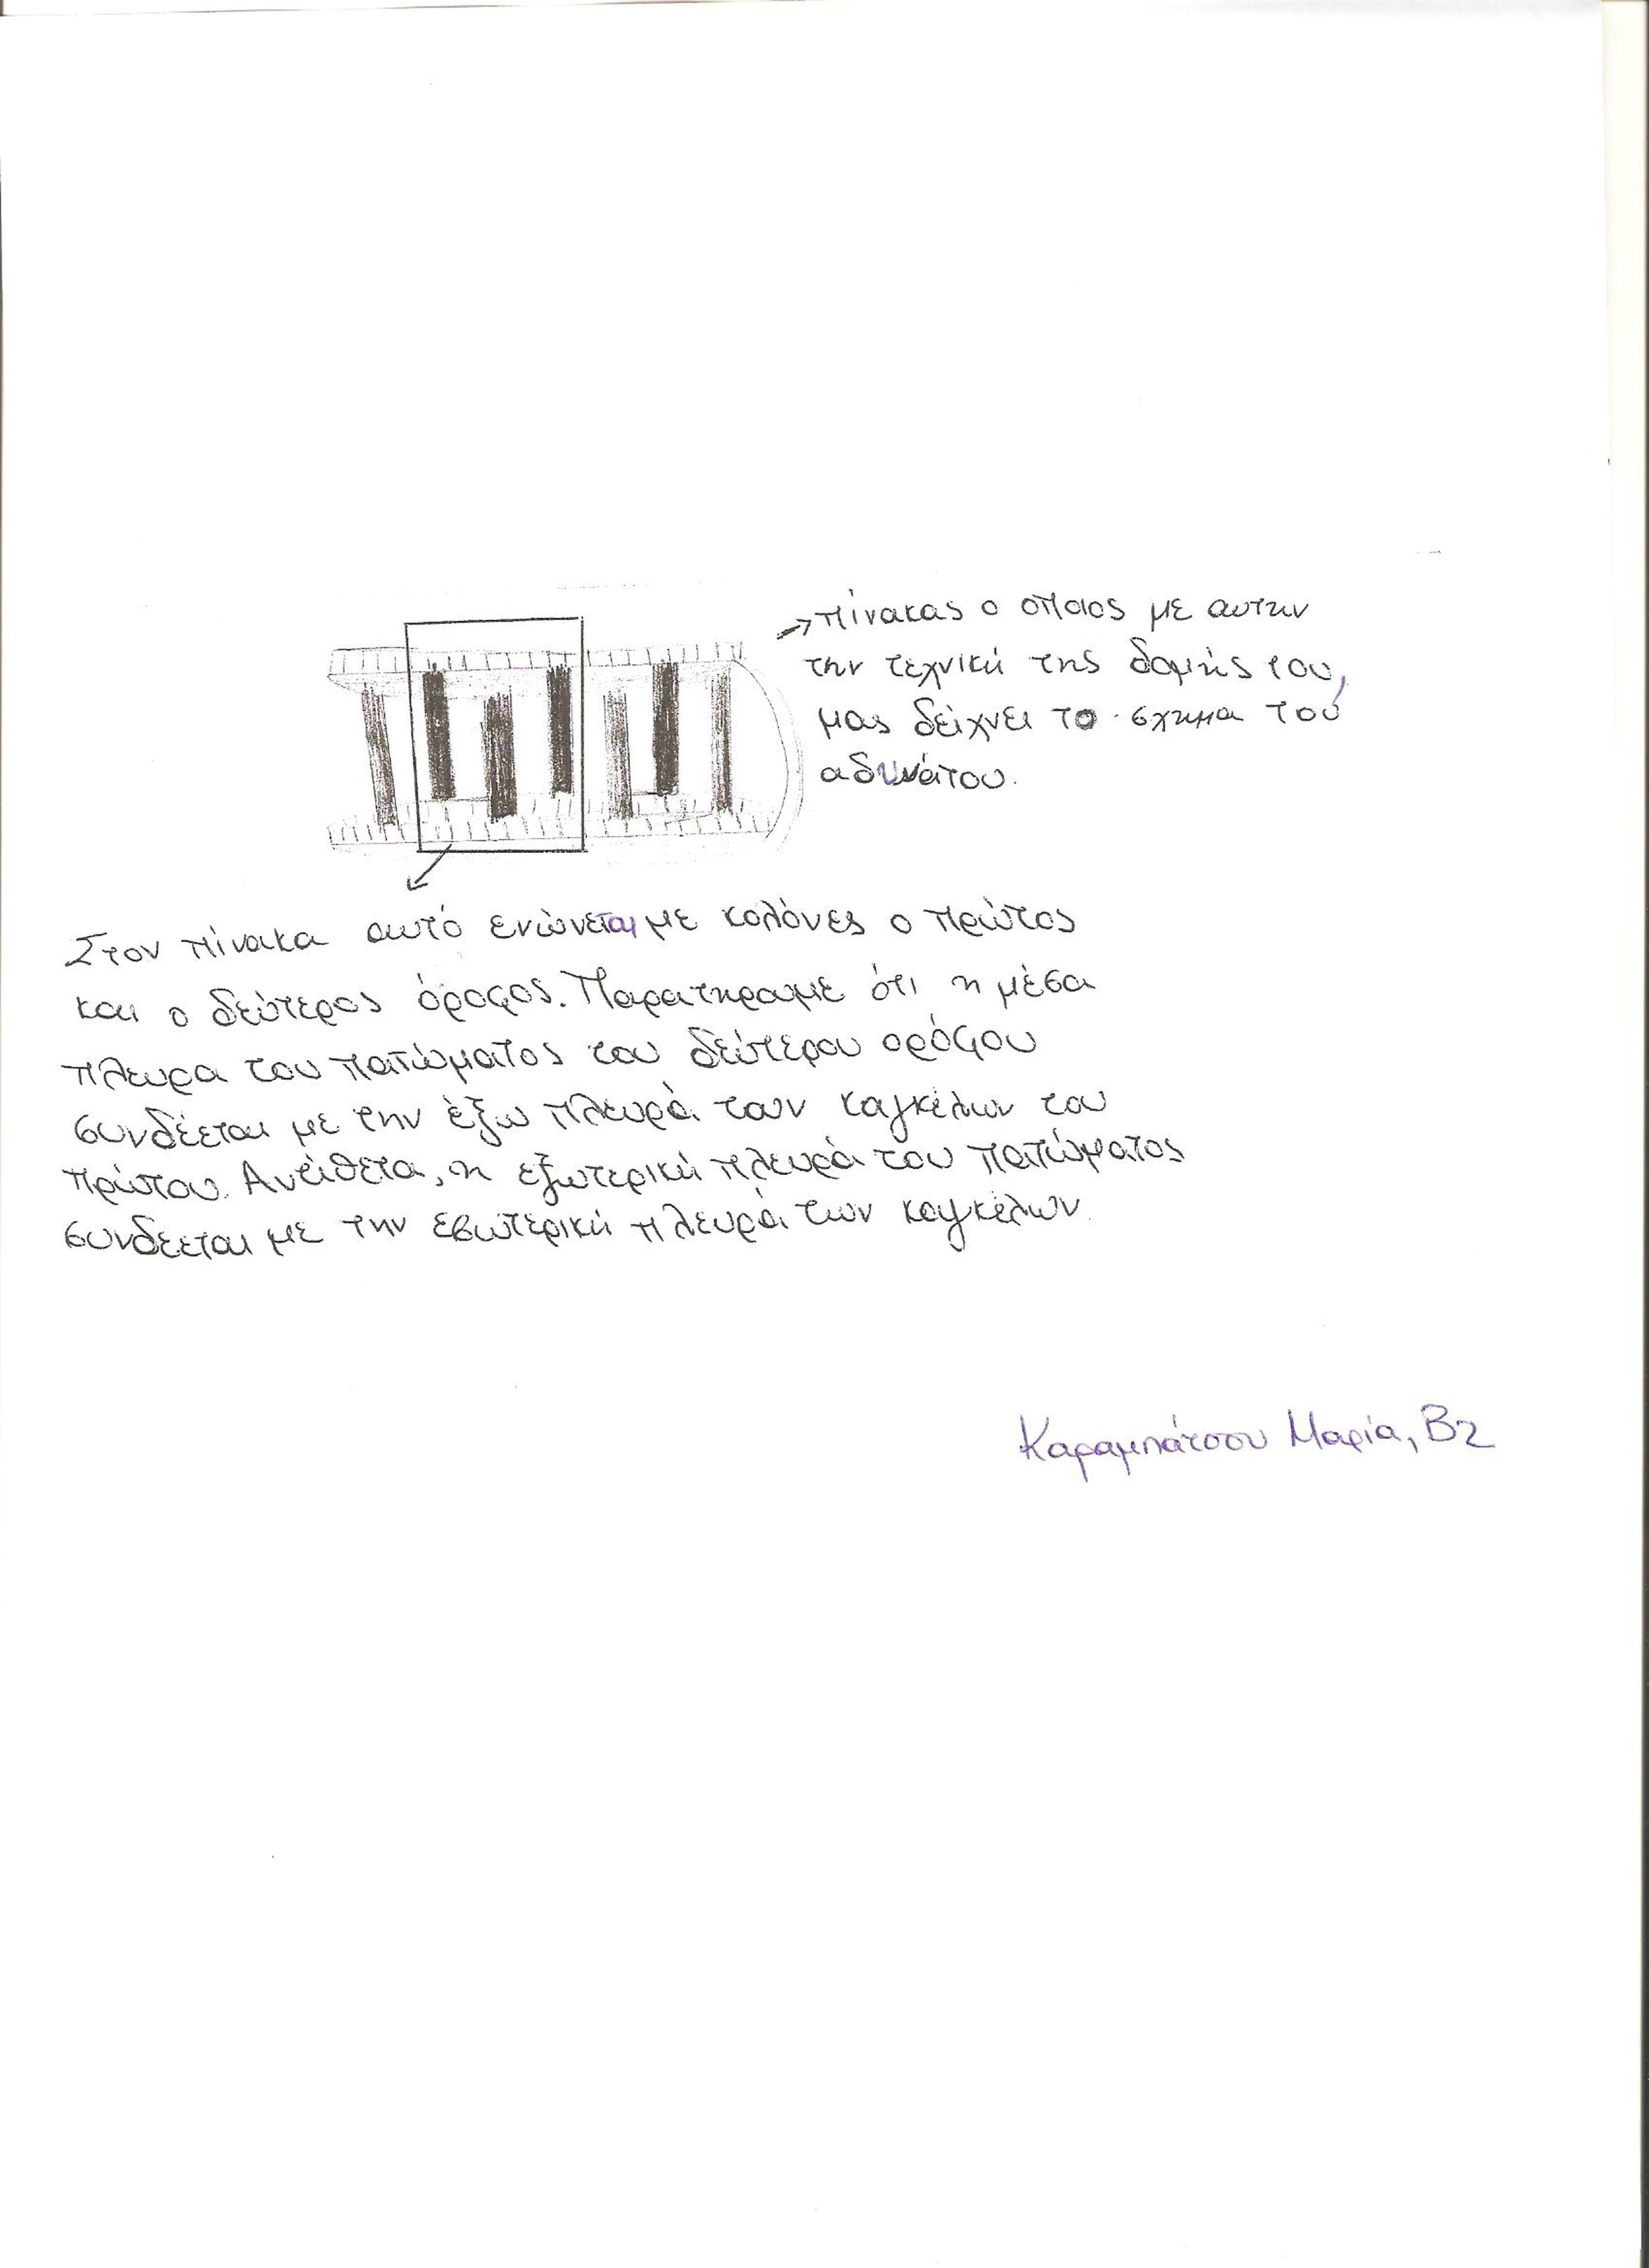 ΤΟ ΚΑΡΑΜΠΑΤΣΟΥ ΜΑΡΙΑ-Β2- Β2/ 20ο ΓΥΜΝΑΣΙΟ ΑΘΗΝΩΝ- ΔΕΚΕΜΒΡΙΟΣ 2013